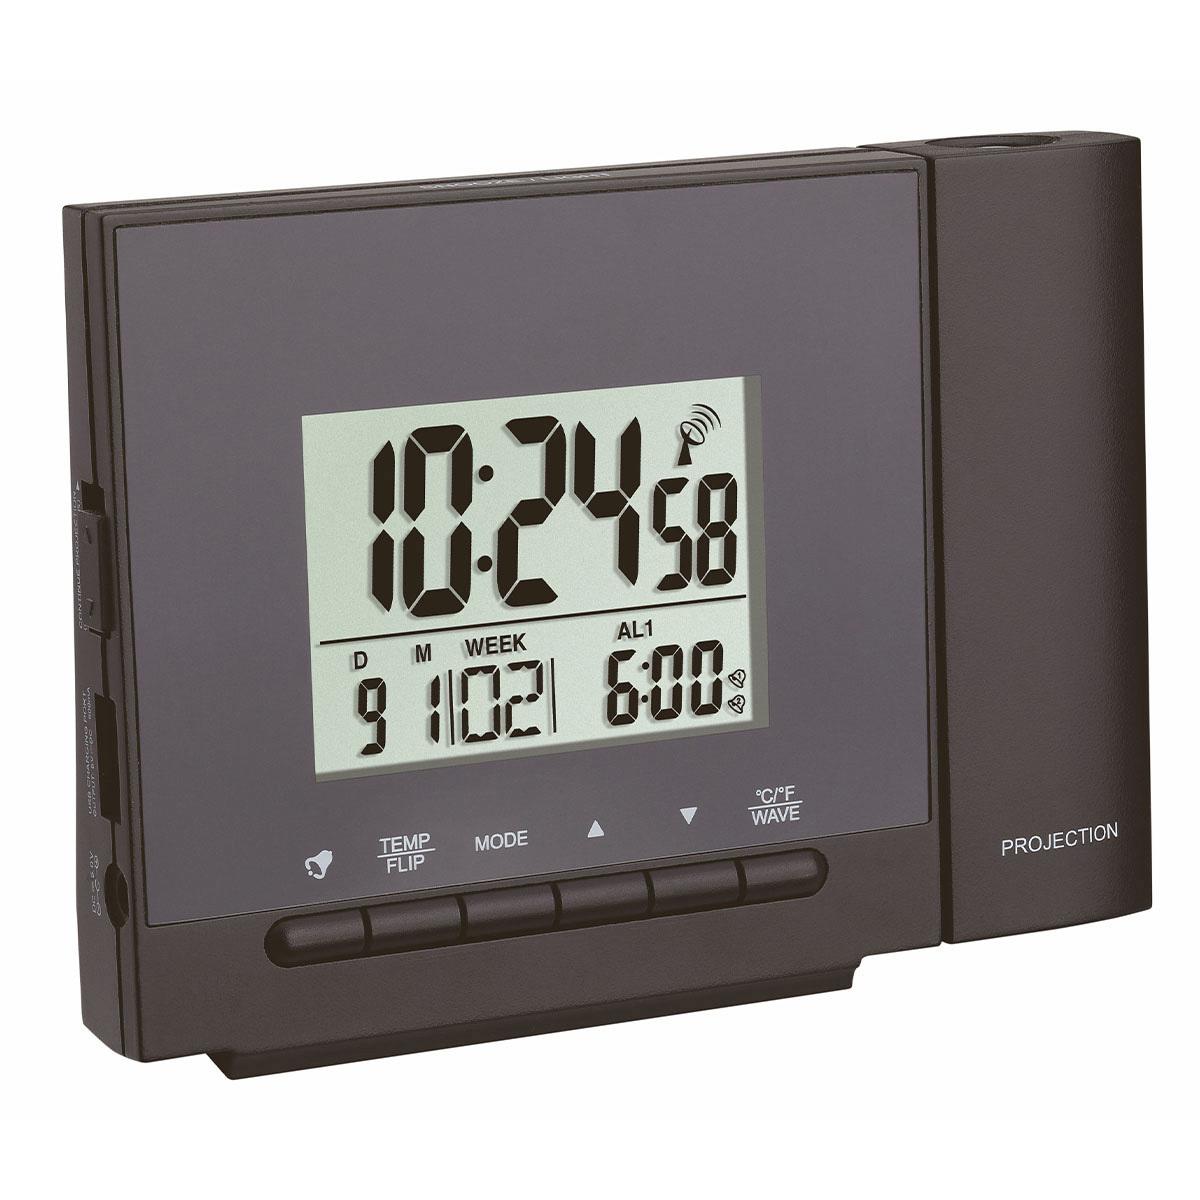 60-5013-01-funk-projektionswecker-mit-temperatur-1200x1200px.jpg